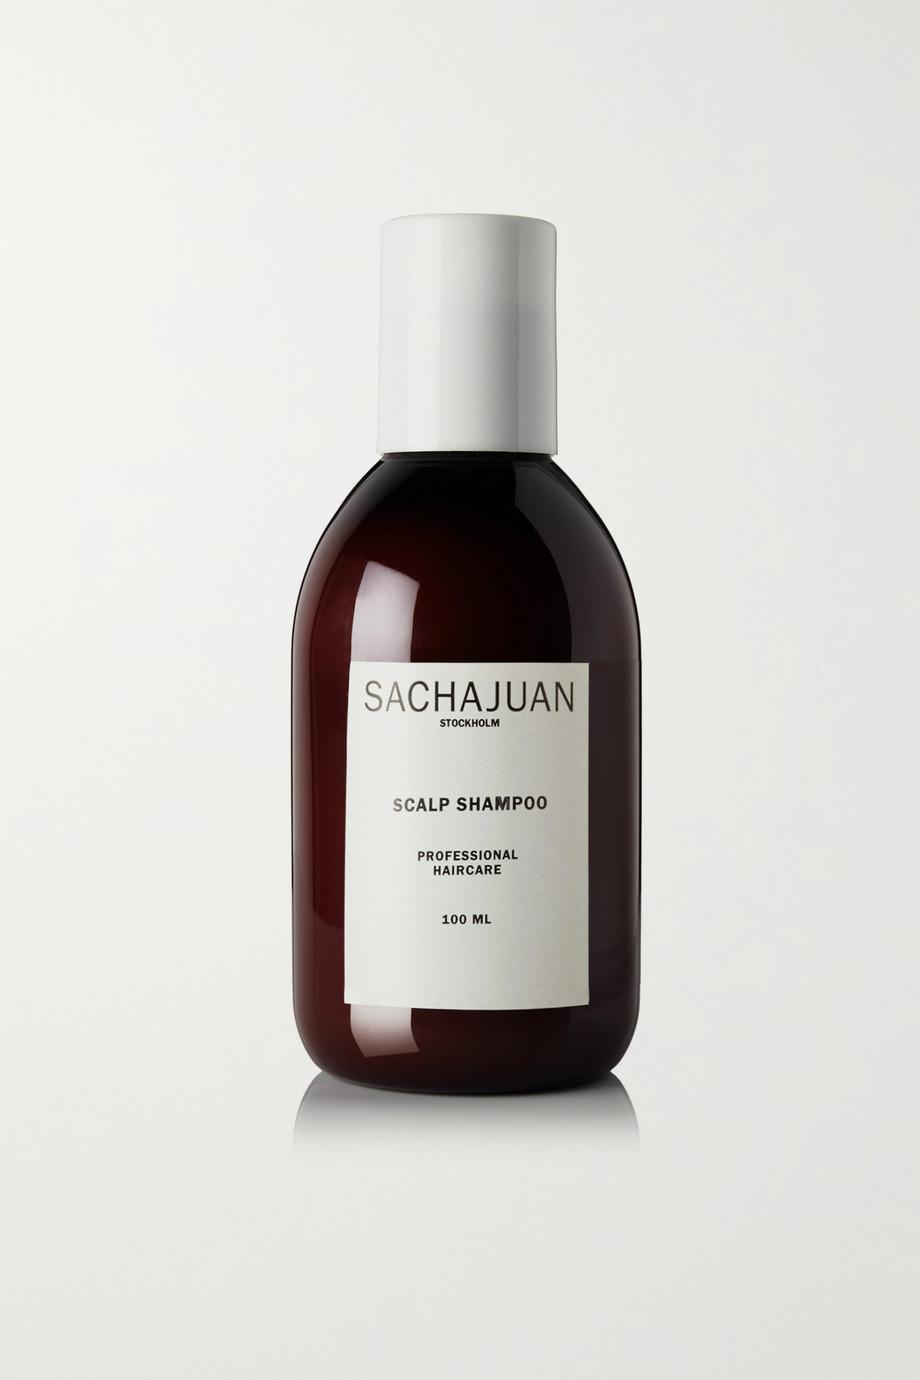 SACHAJUAN Scalp Shampoo, 100ml